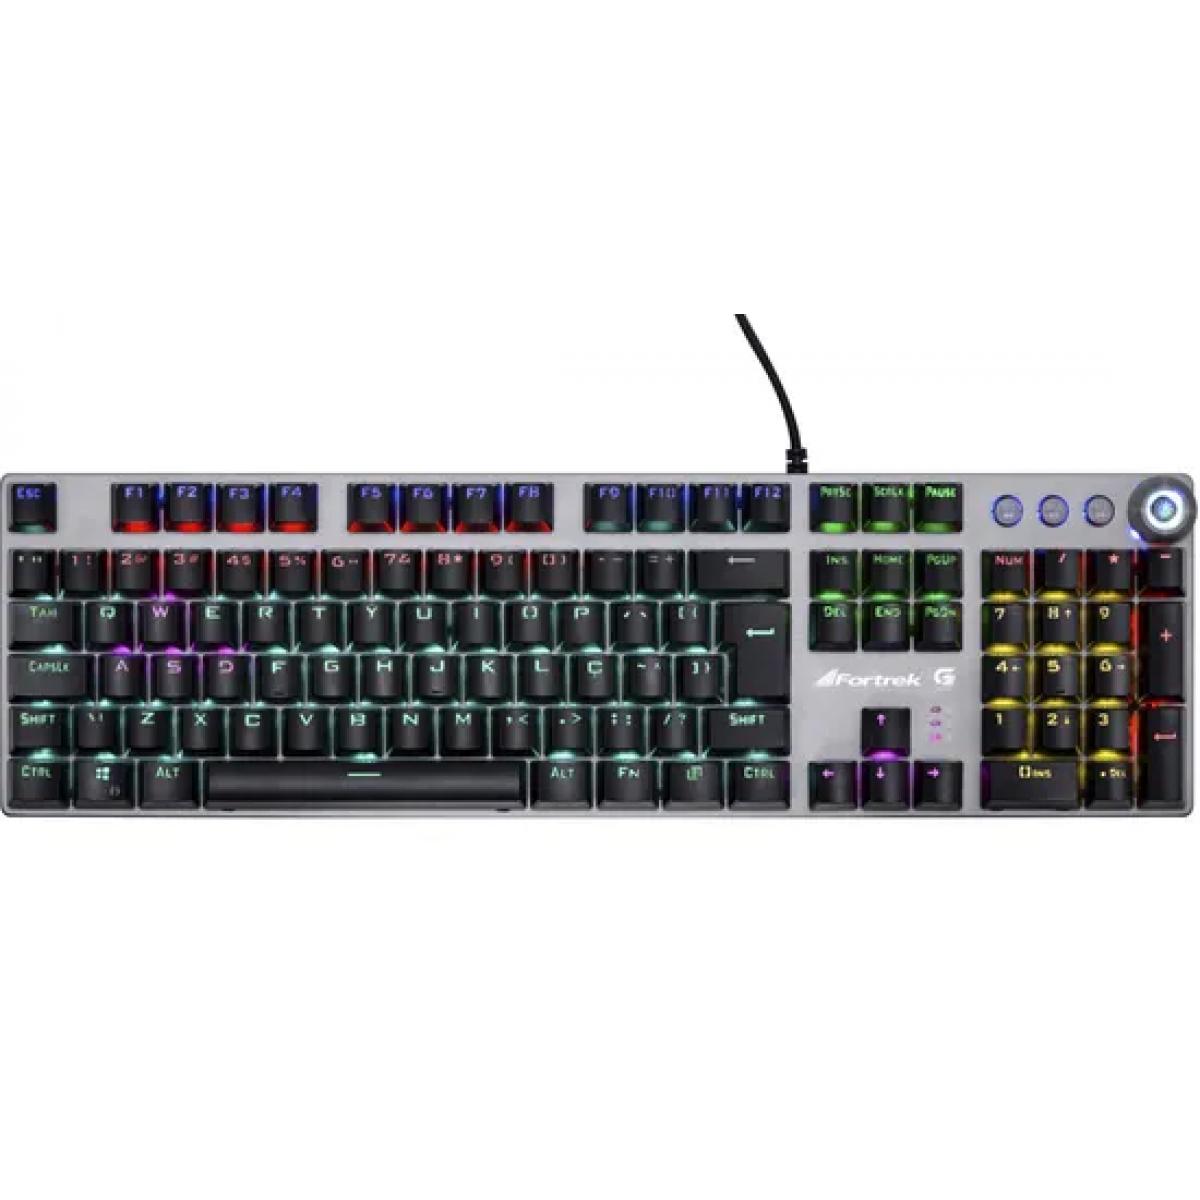 Teclado Gamer Mecânico Fortrek K7, Rainbow, Switch Blue, ABNT2, Preto, 67702